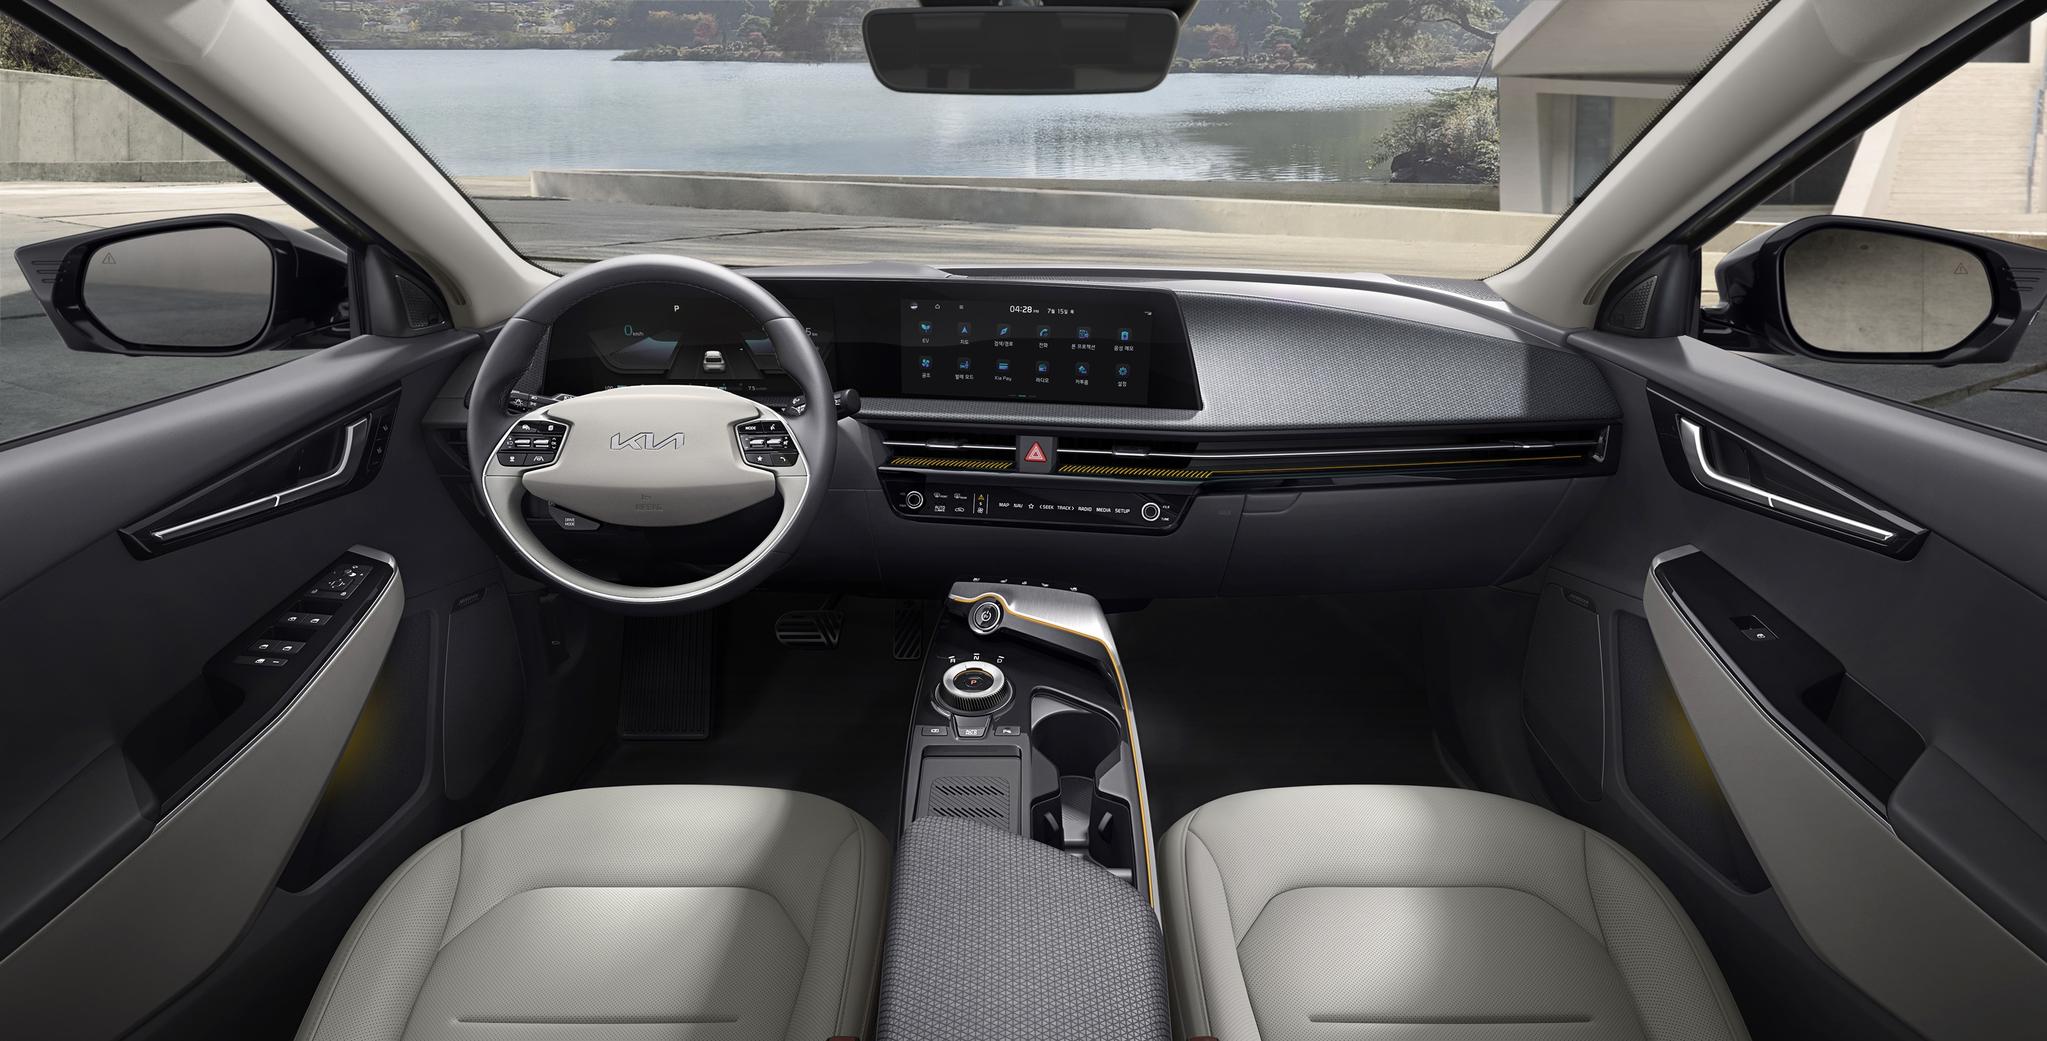 2일 기아가 첫 전용 전기차 EV6 출시했다. 사진 기아